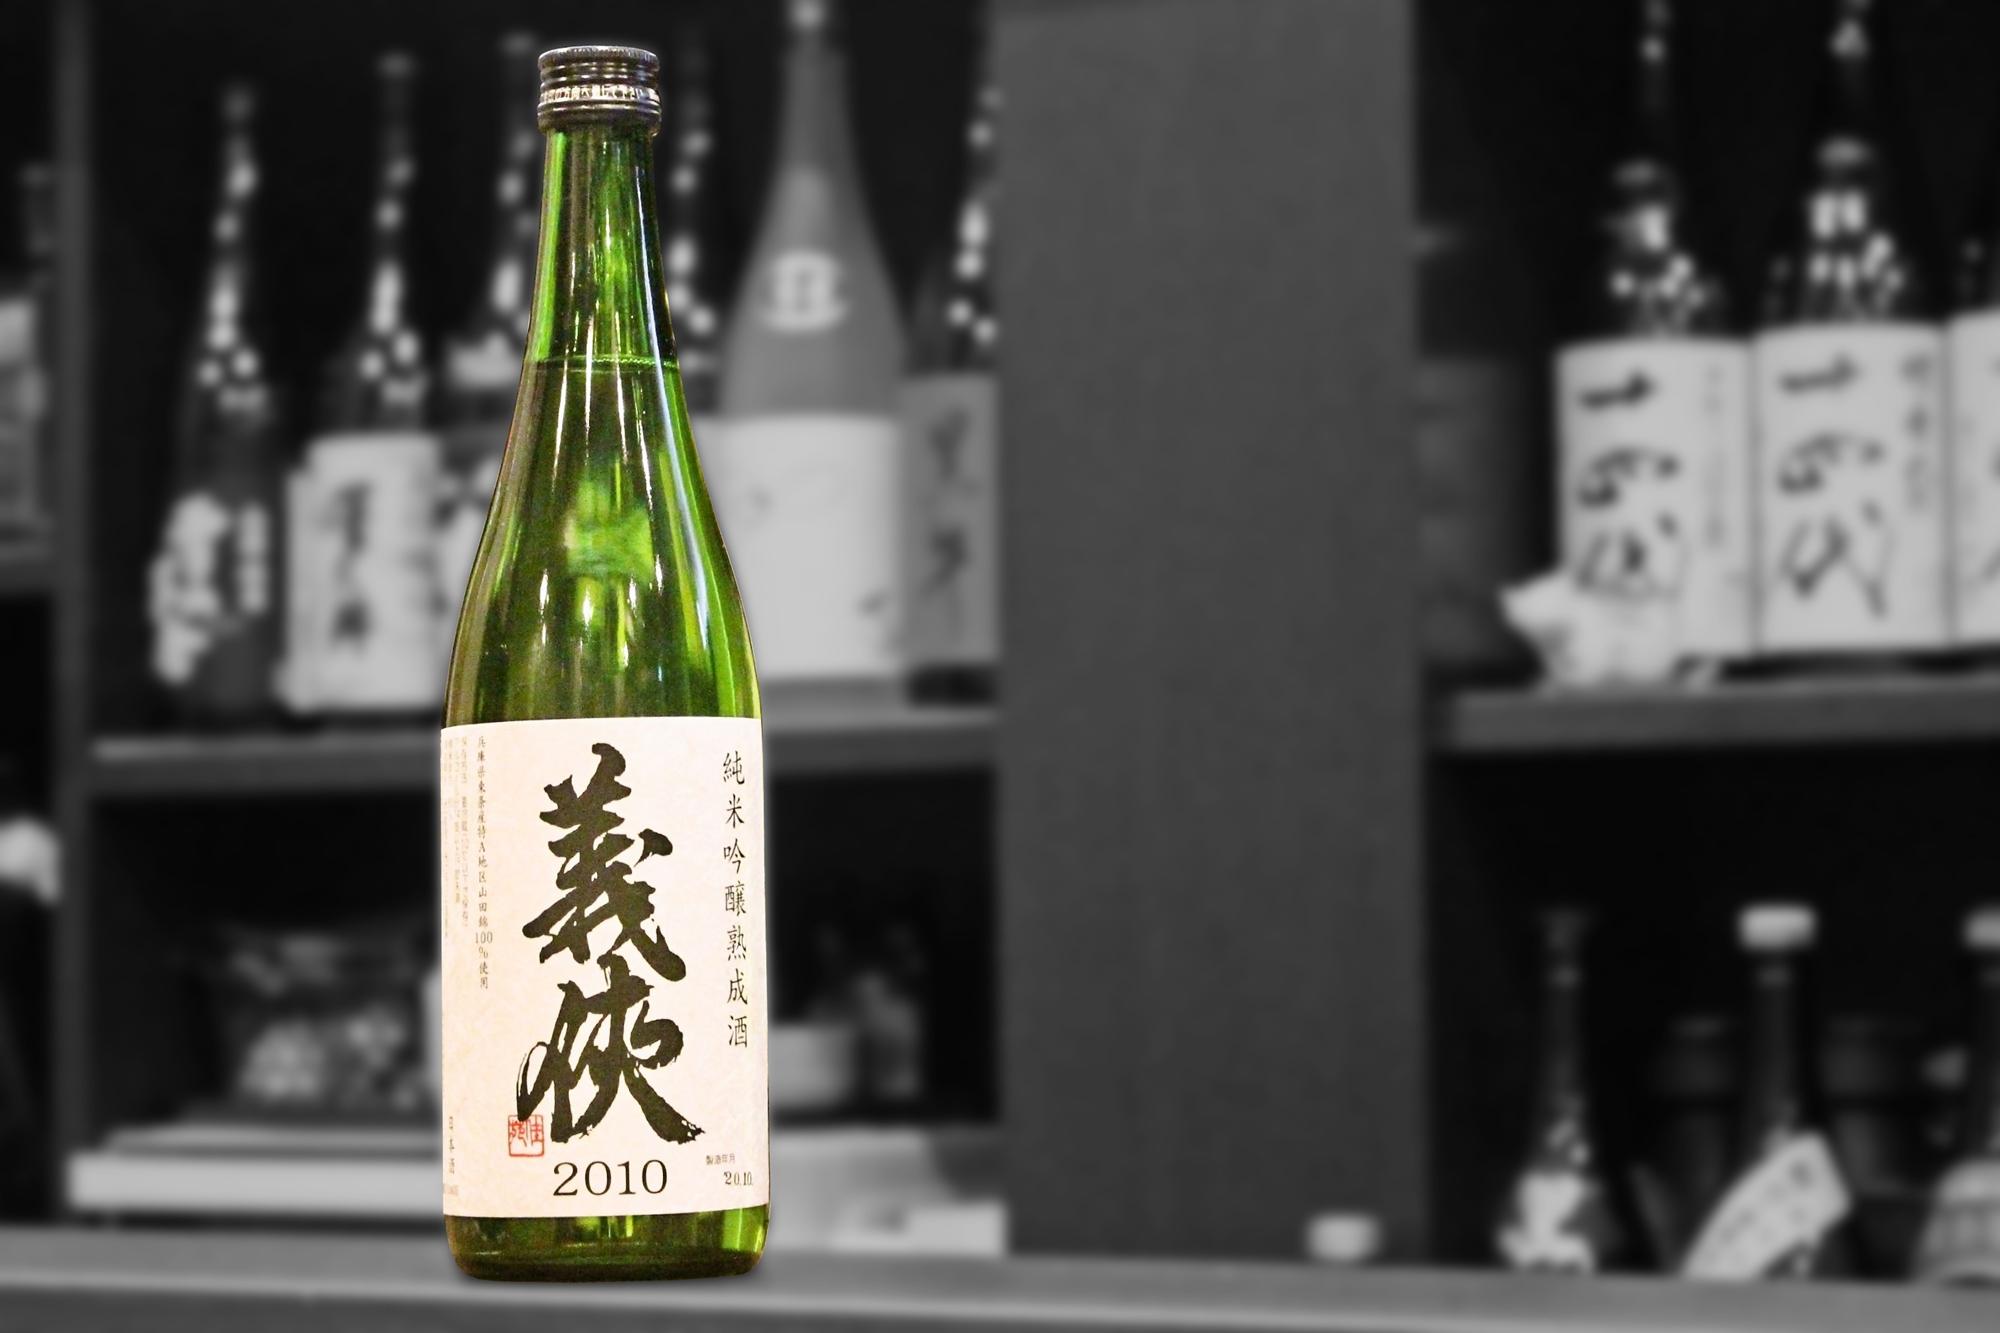 義侠10年熟成純米吟醸202101-001